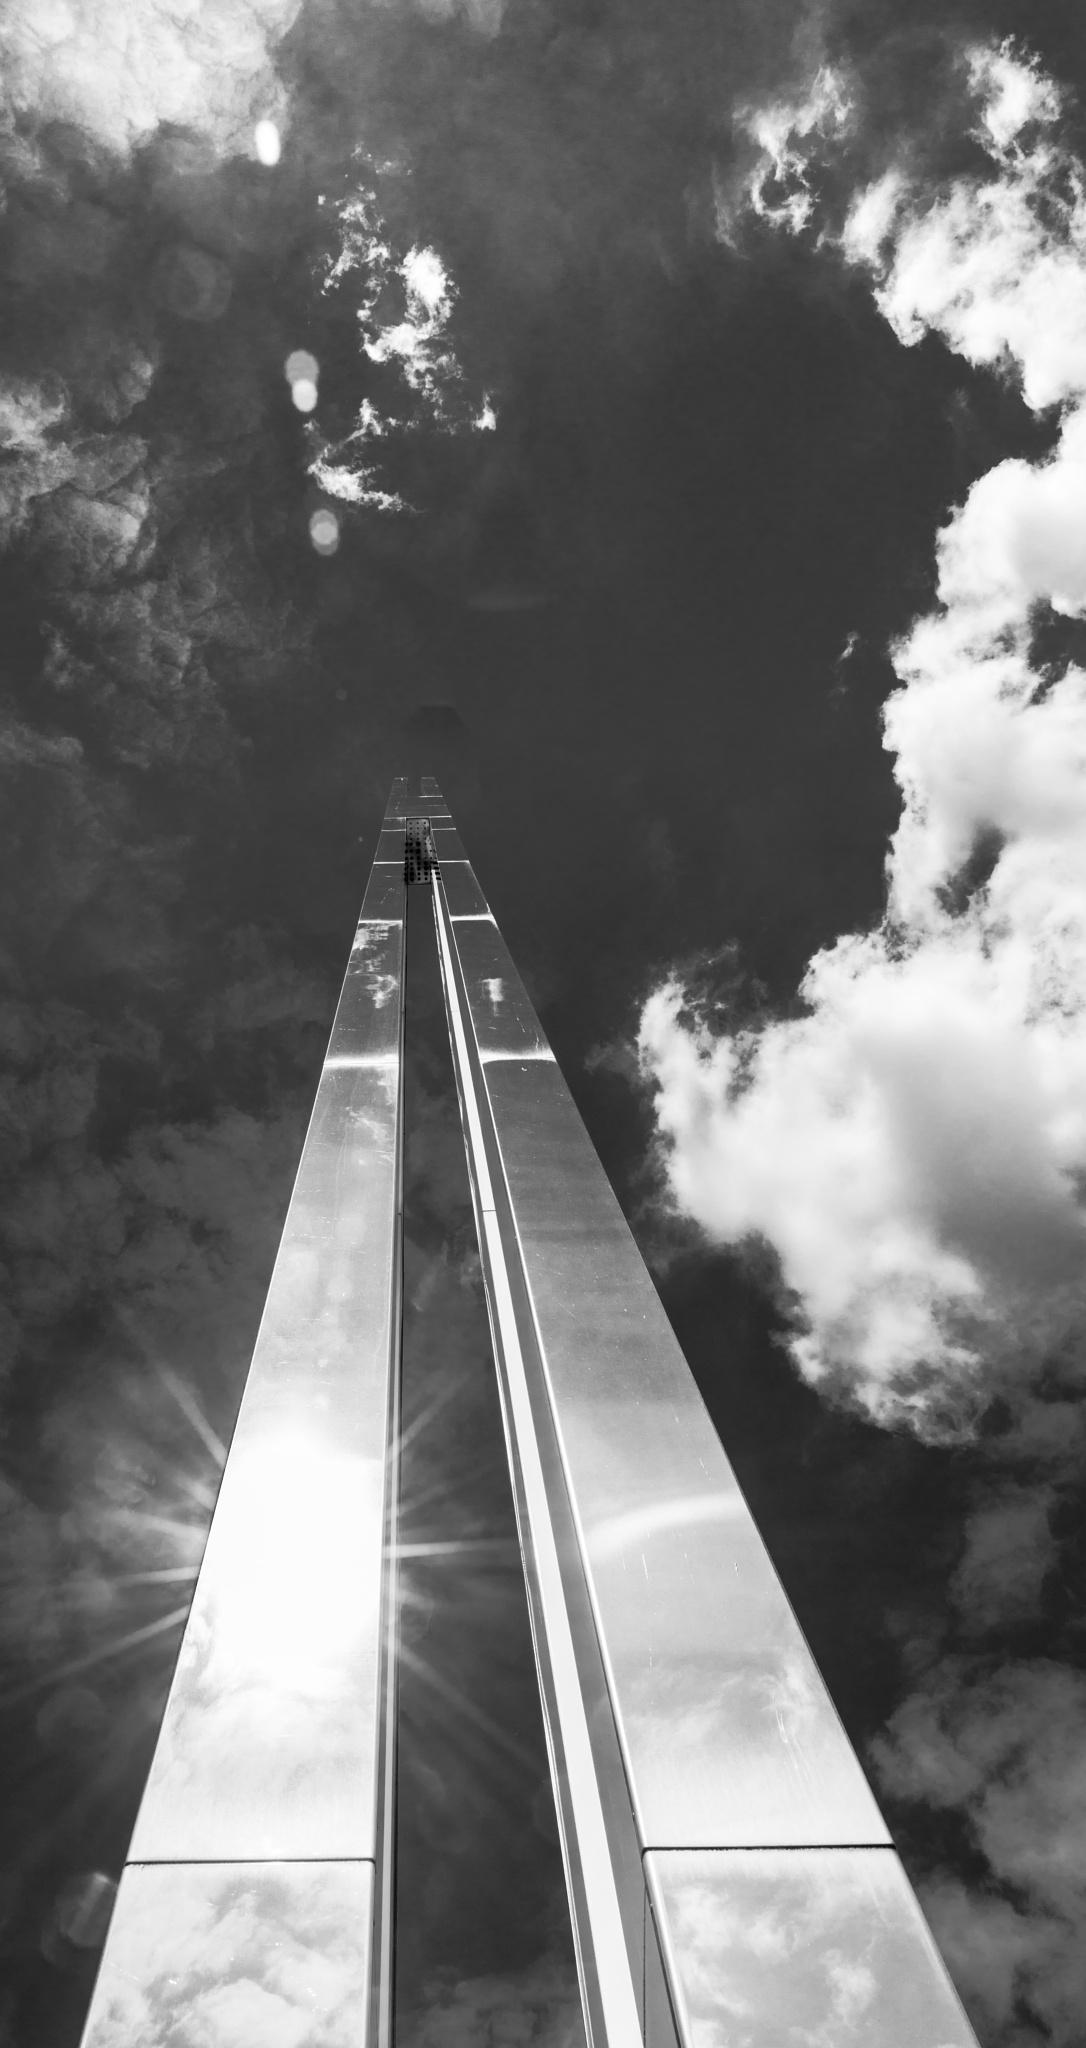 knocking on heaven's door by Dirk Mohr